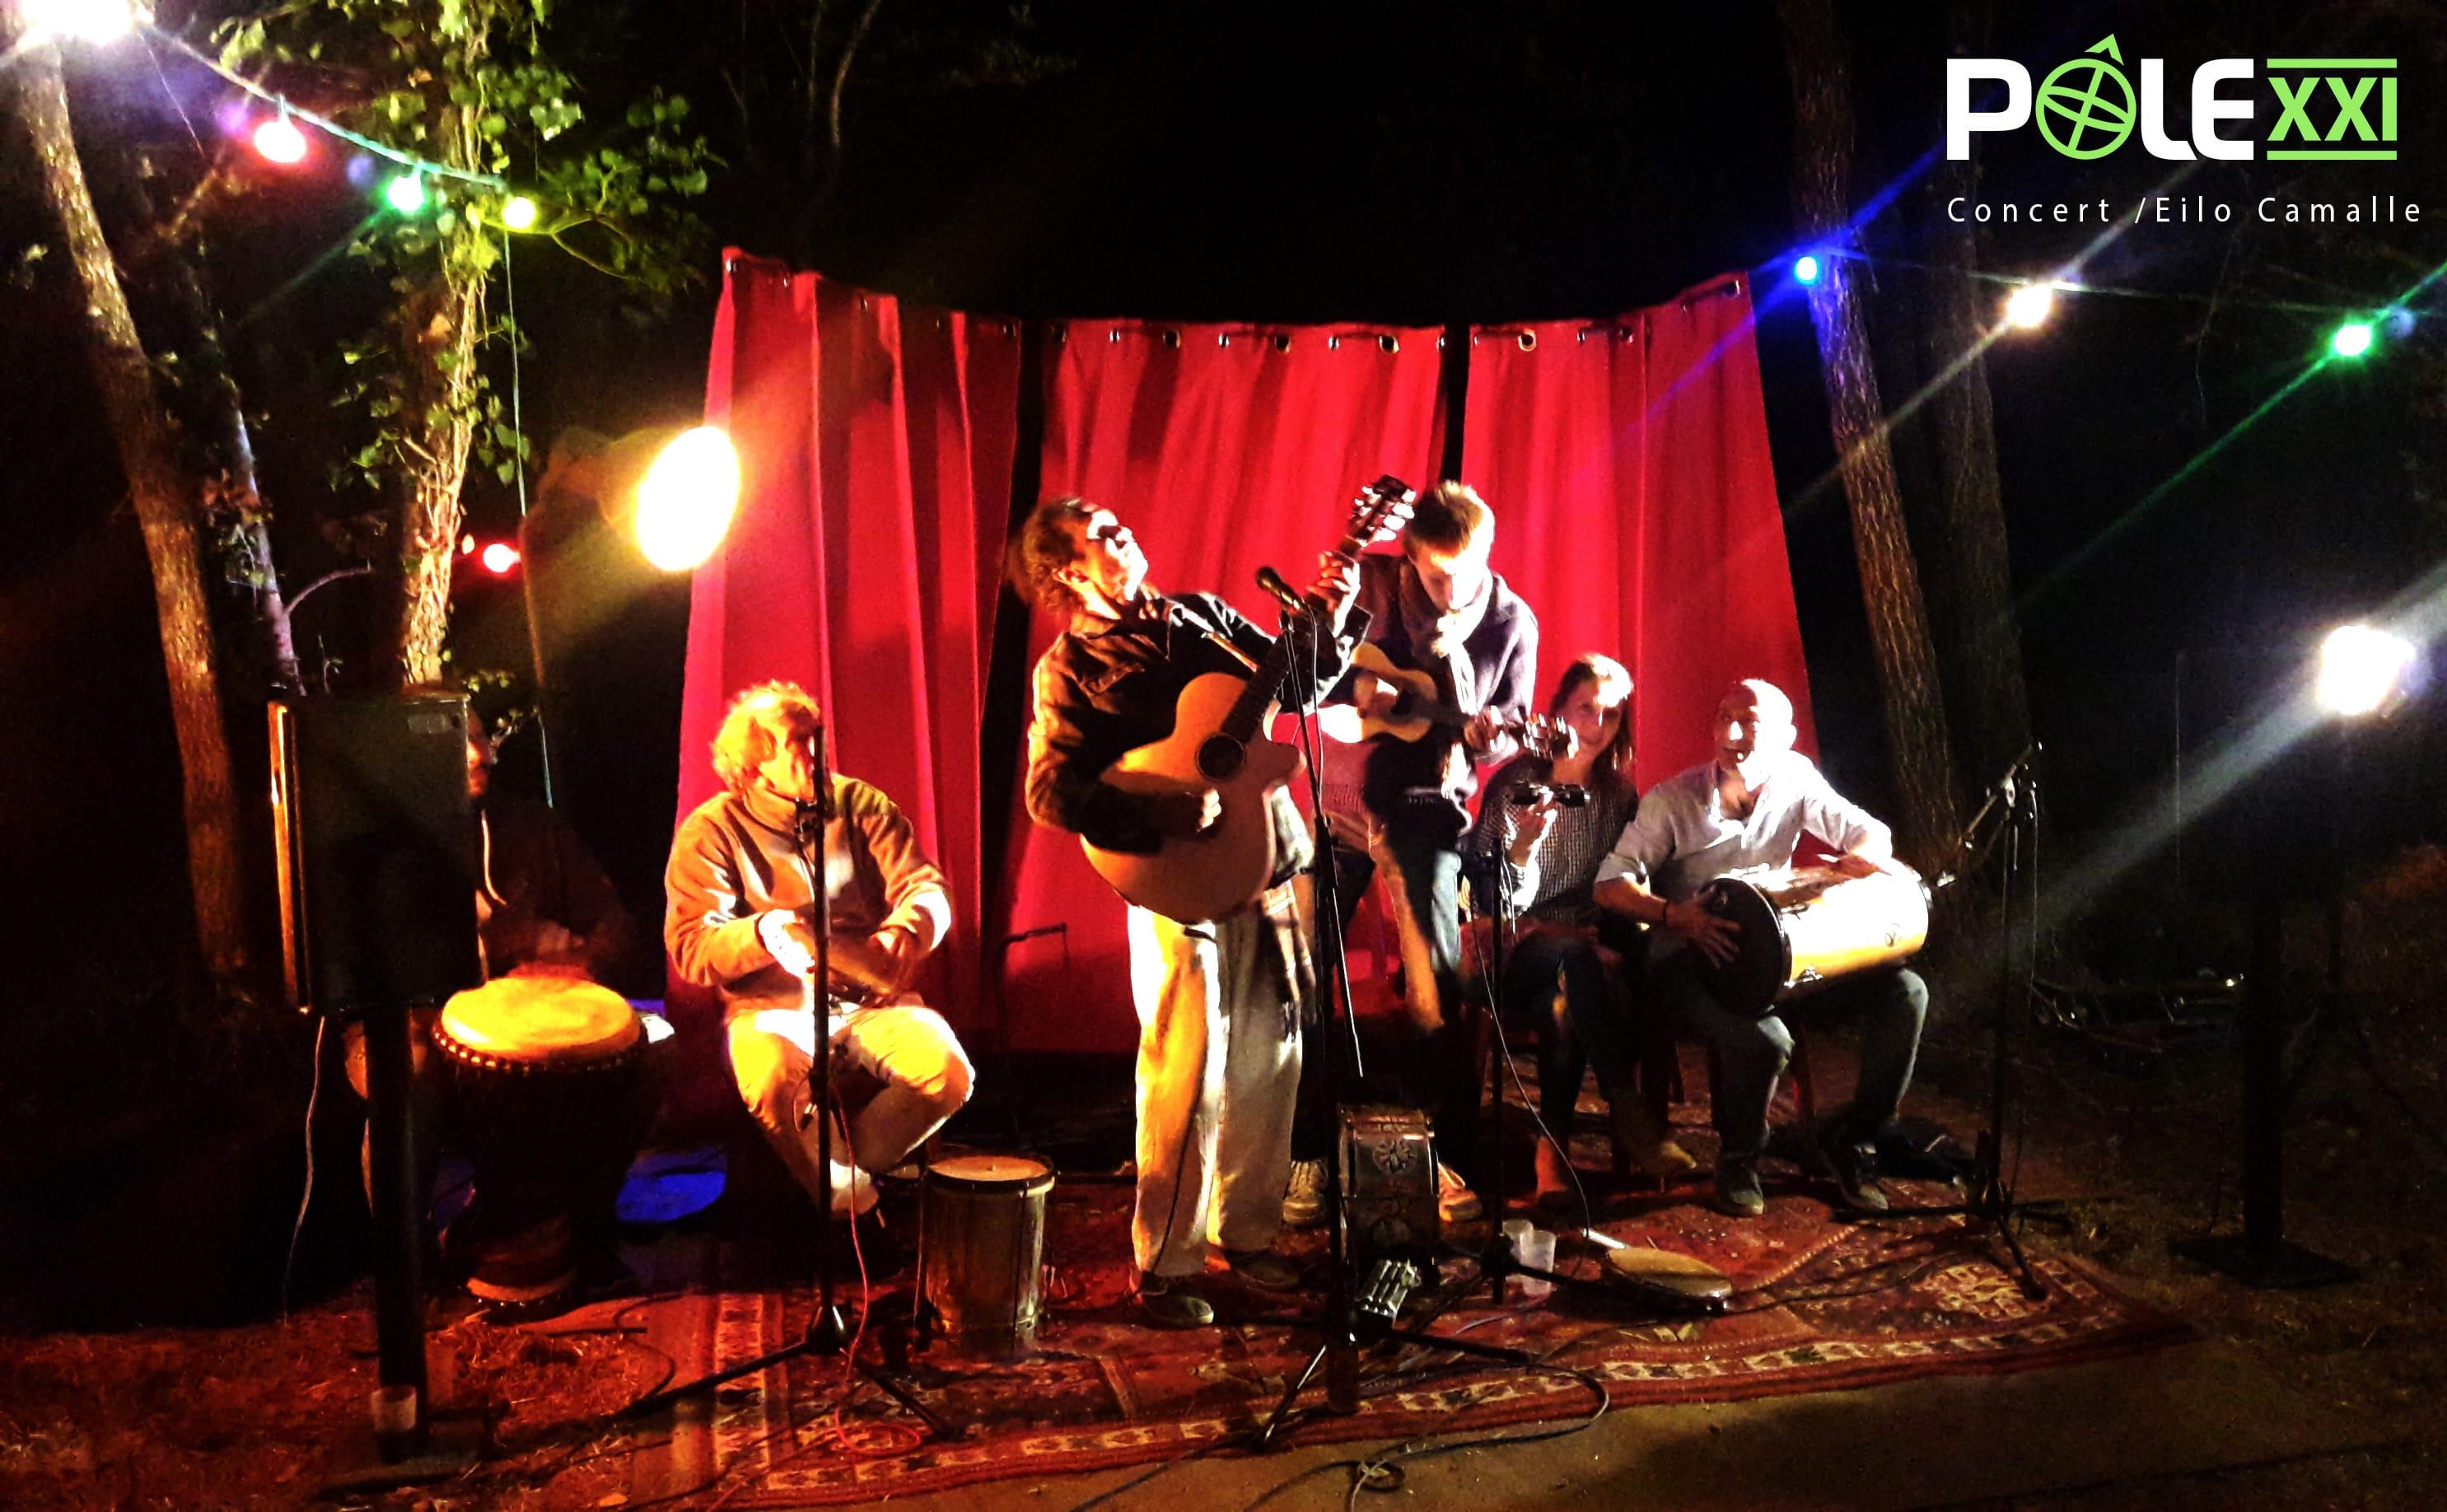 Concert_Elio_Camalle_image